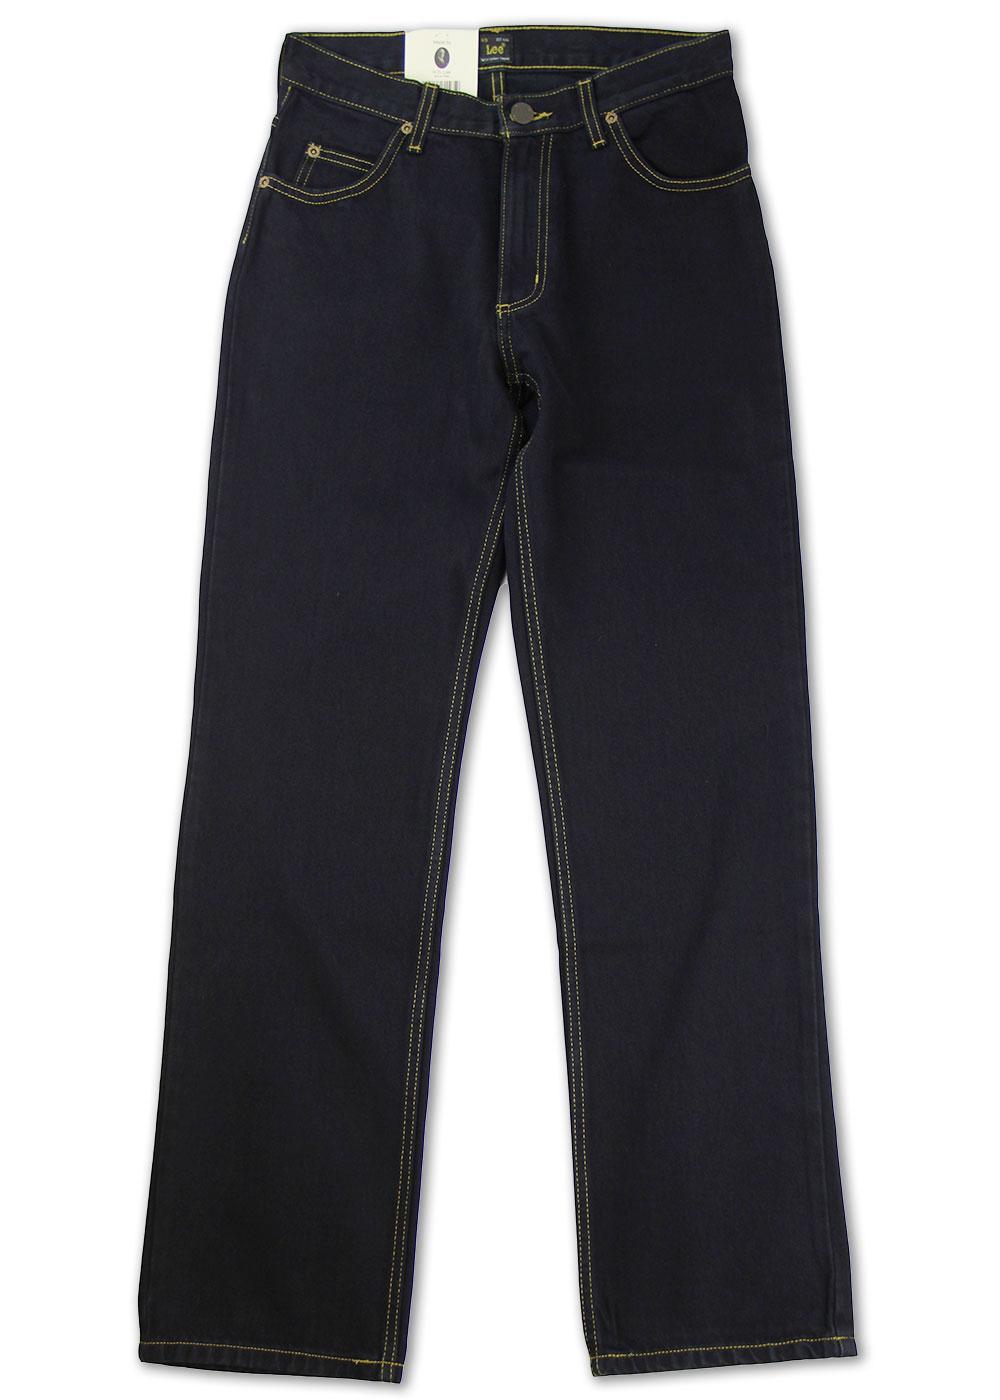 Brooklyn LEE Retro Comfort Fit Denim Jeans BB